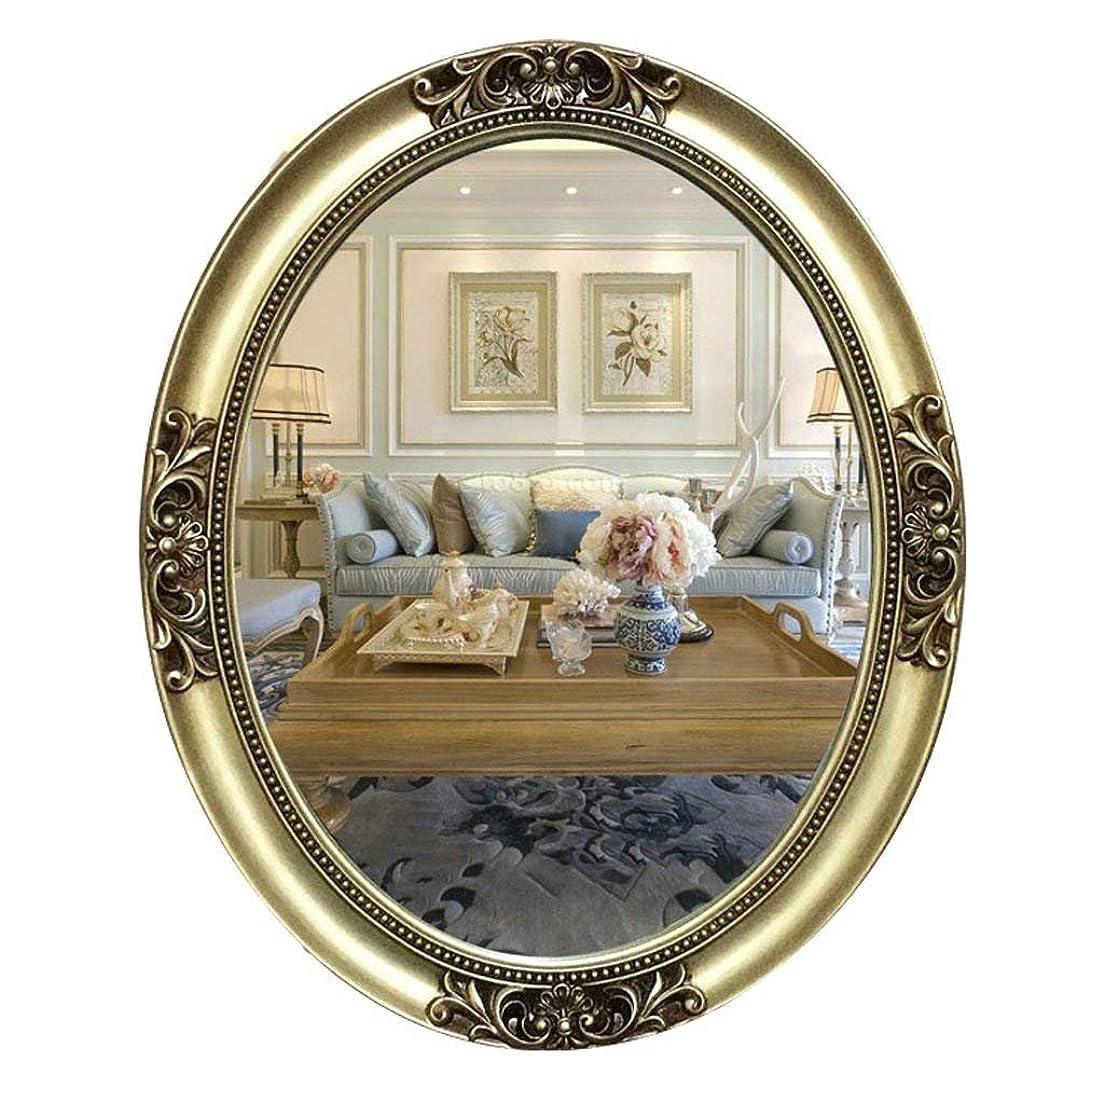 ミキサーステレオあらゆる種類のミラー壁掛け式ミラーヨーロッパ彫刻楕円形の樹脂ガラスバスルームミラーバスルームミラー壁掛け式洗面器ミラー61X75cm A +(色:A)